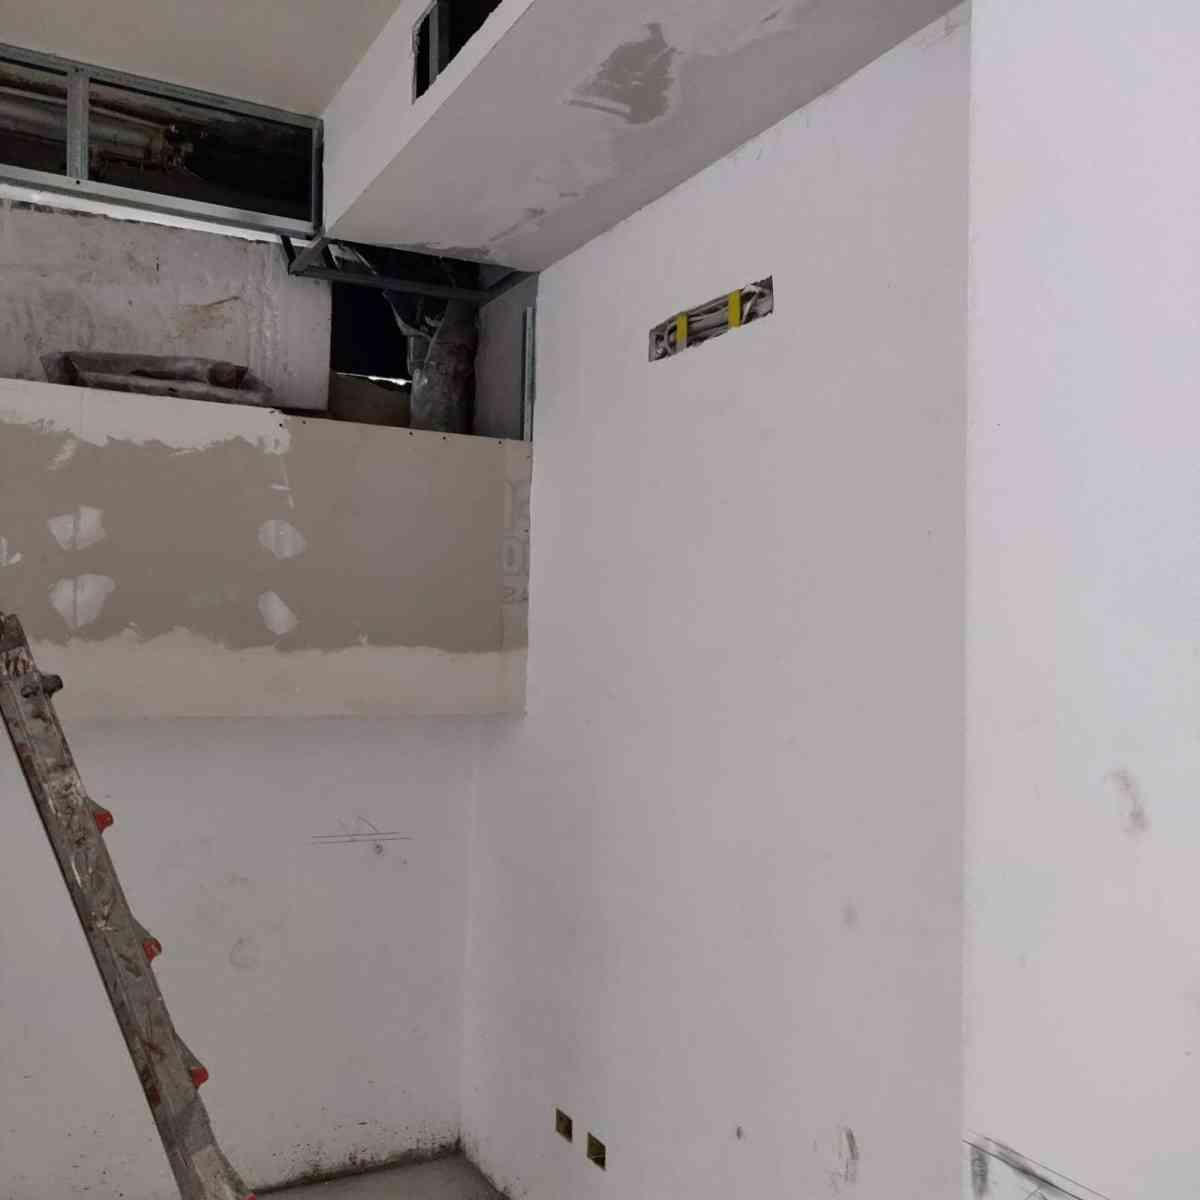 appartamenti-c3-in-vendita-via-chinotto-san-siro-milano-spaziourbano-immobiliare-vende-3-locali-2-locali-appartamenti-9